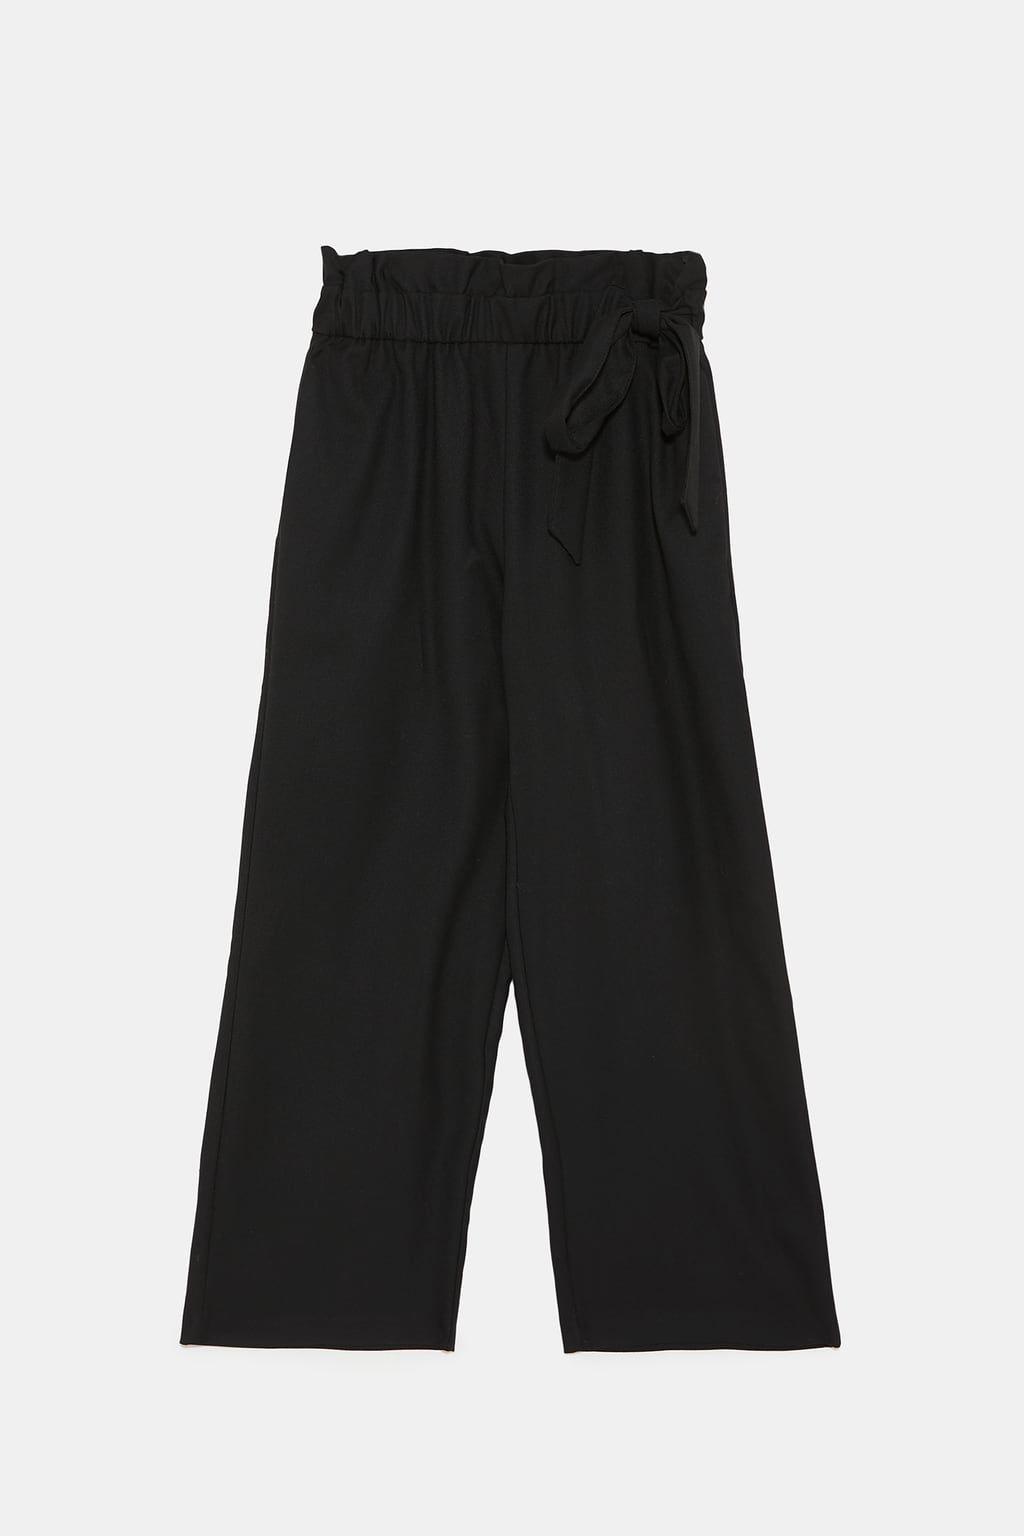 Pantaloni Culotte Con Fiocco Di Zara